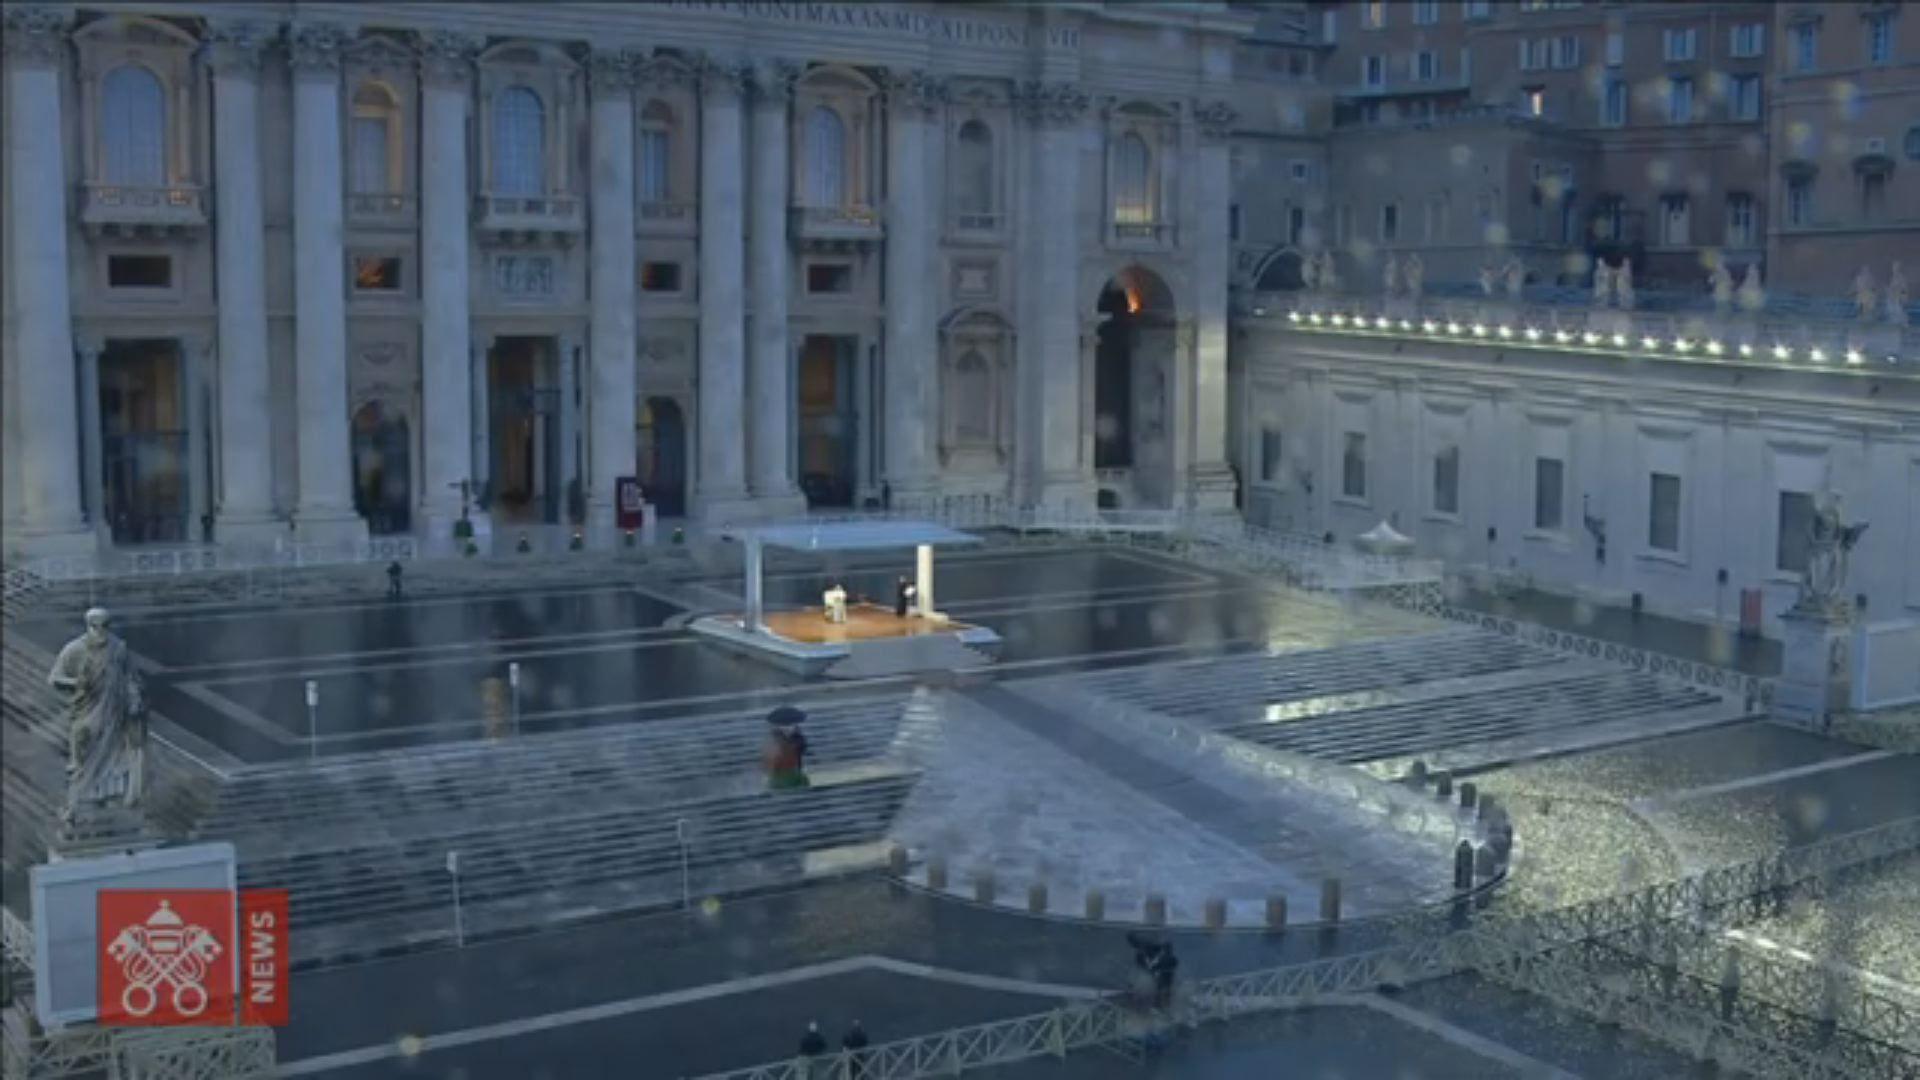 Extraña imagen de labendición del papaen una plaza de San Pedro vacía